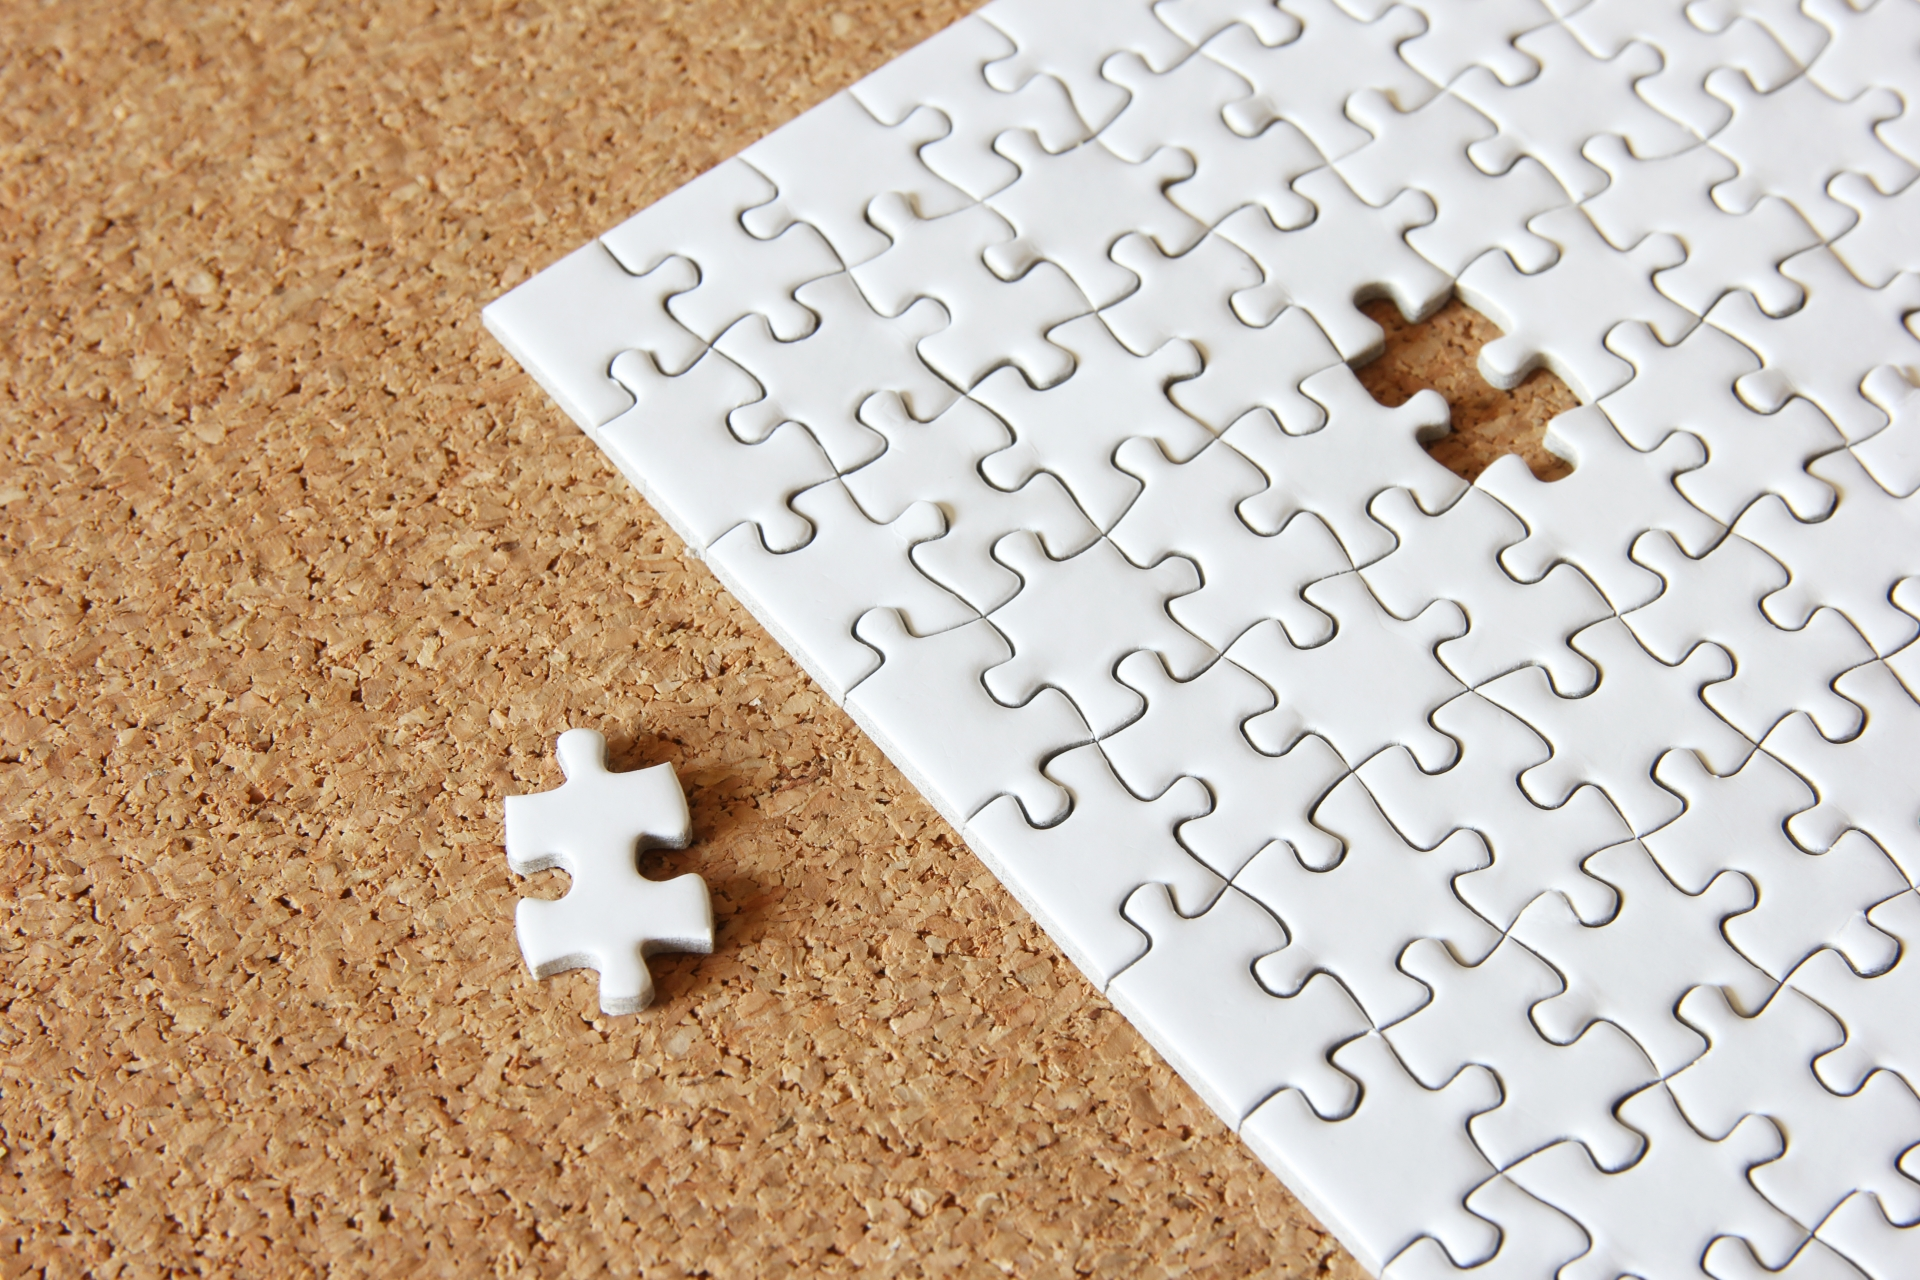 子供用ジグソーパズルのおすすめ6選&選び方【知育に】 | heim [ハイム]